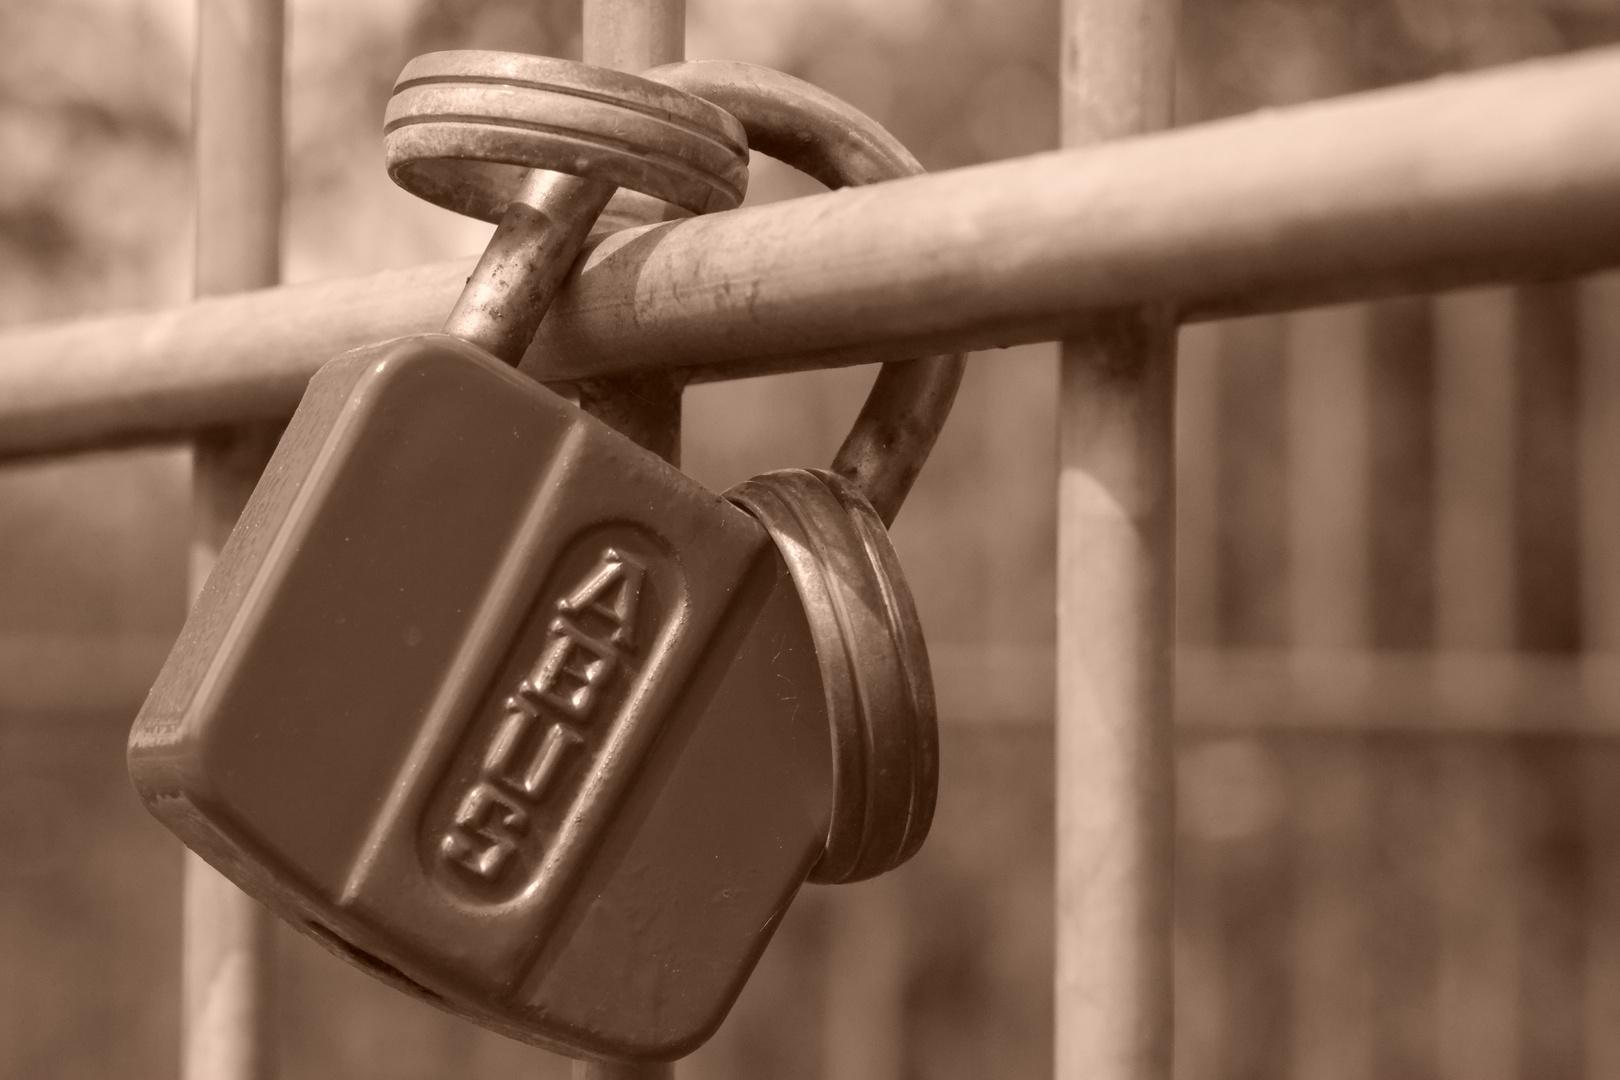 verbunden und verschlossen